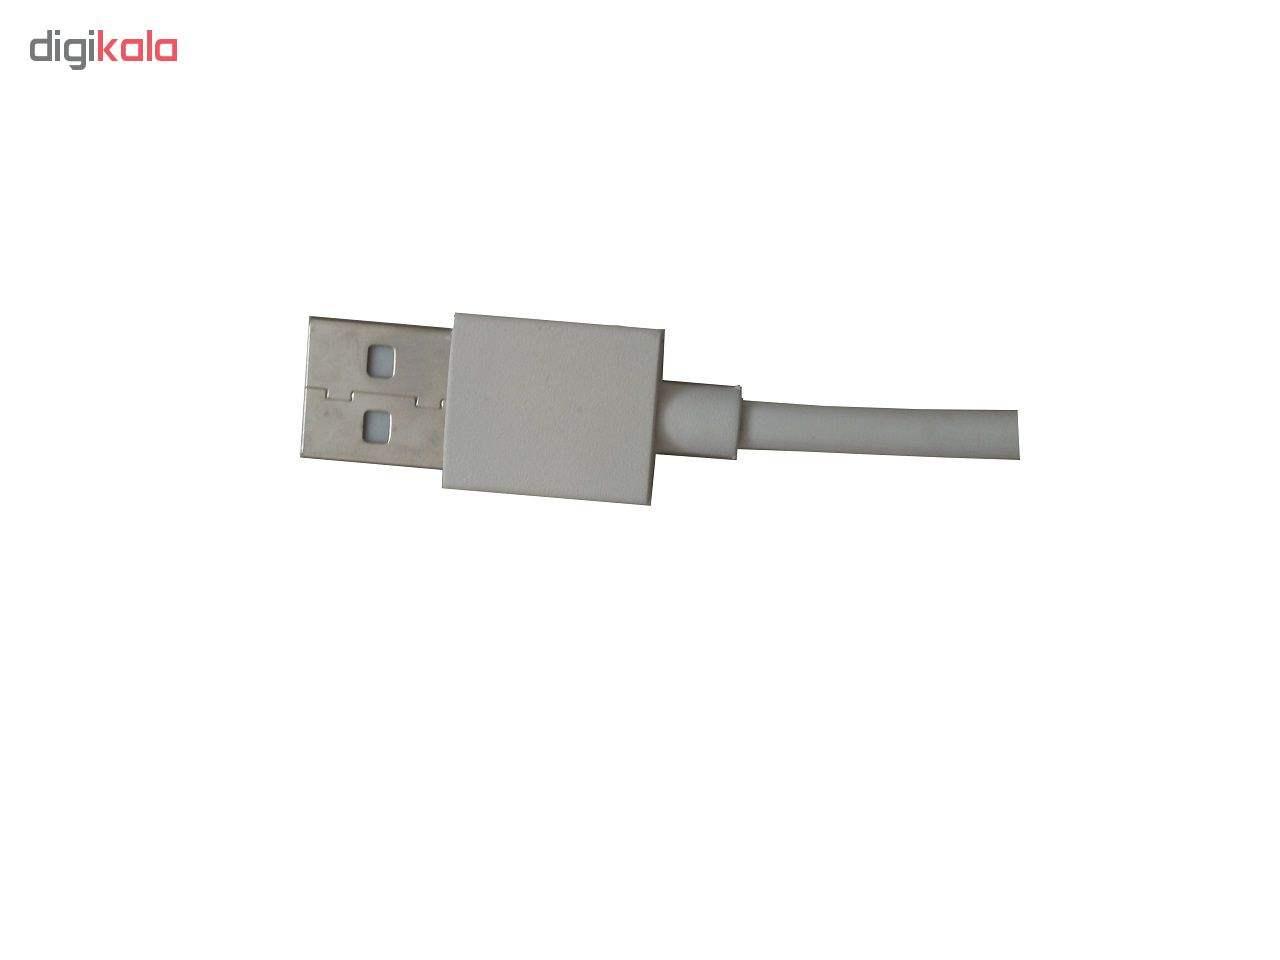 کابل تبدیل USB به microUSB کد 545848 طول 0.2 متر main 1 1